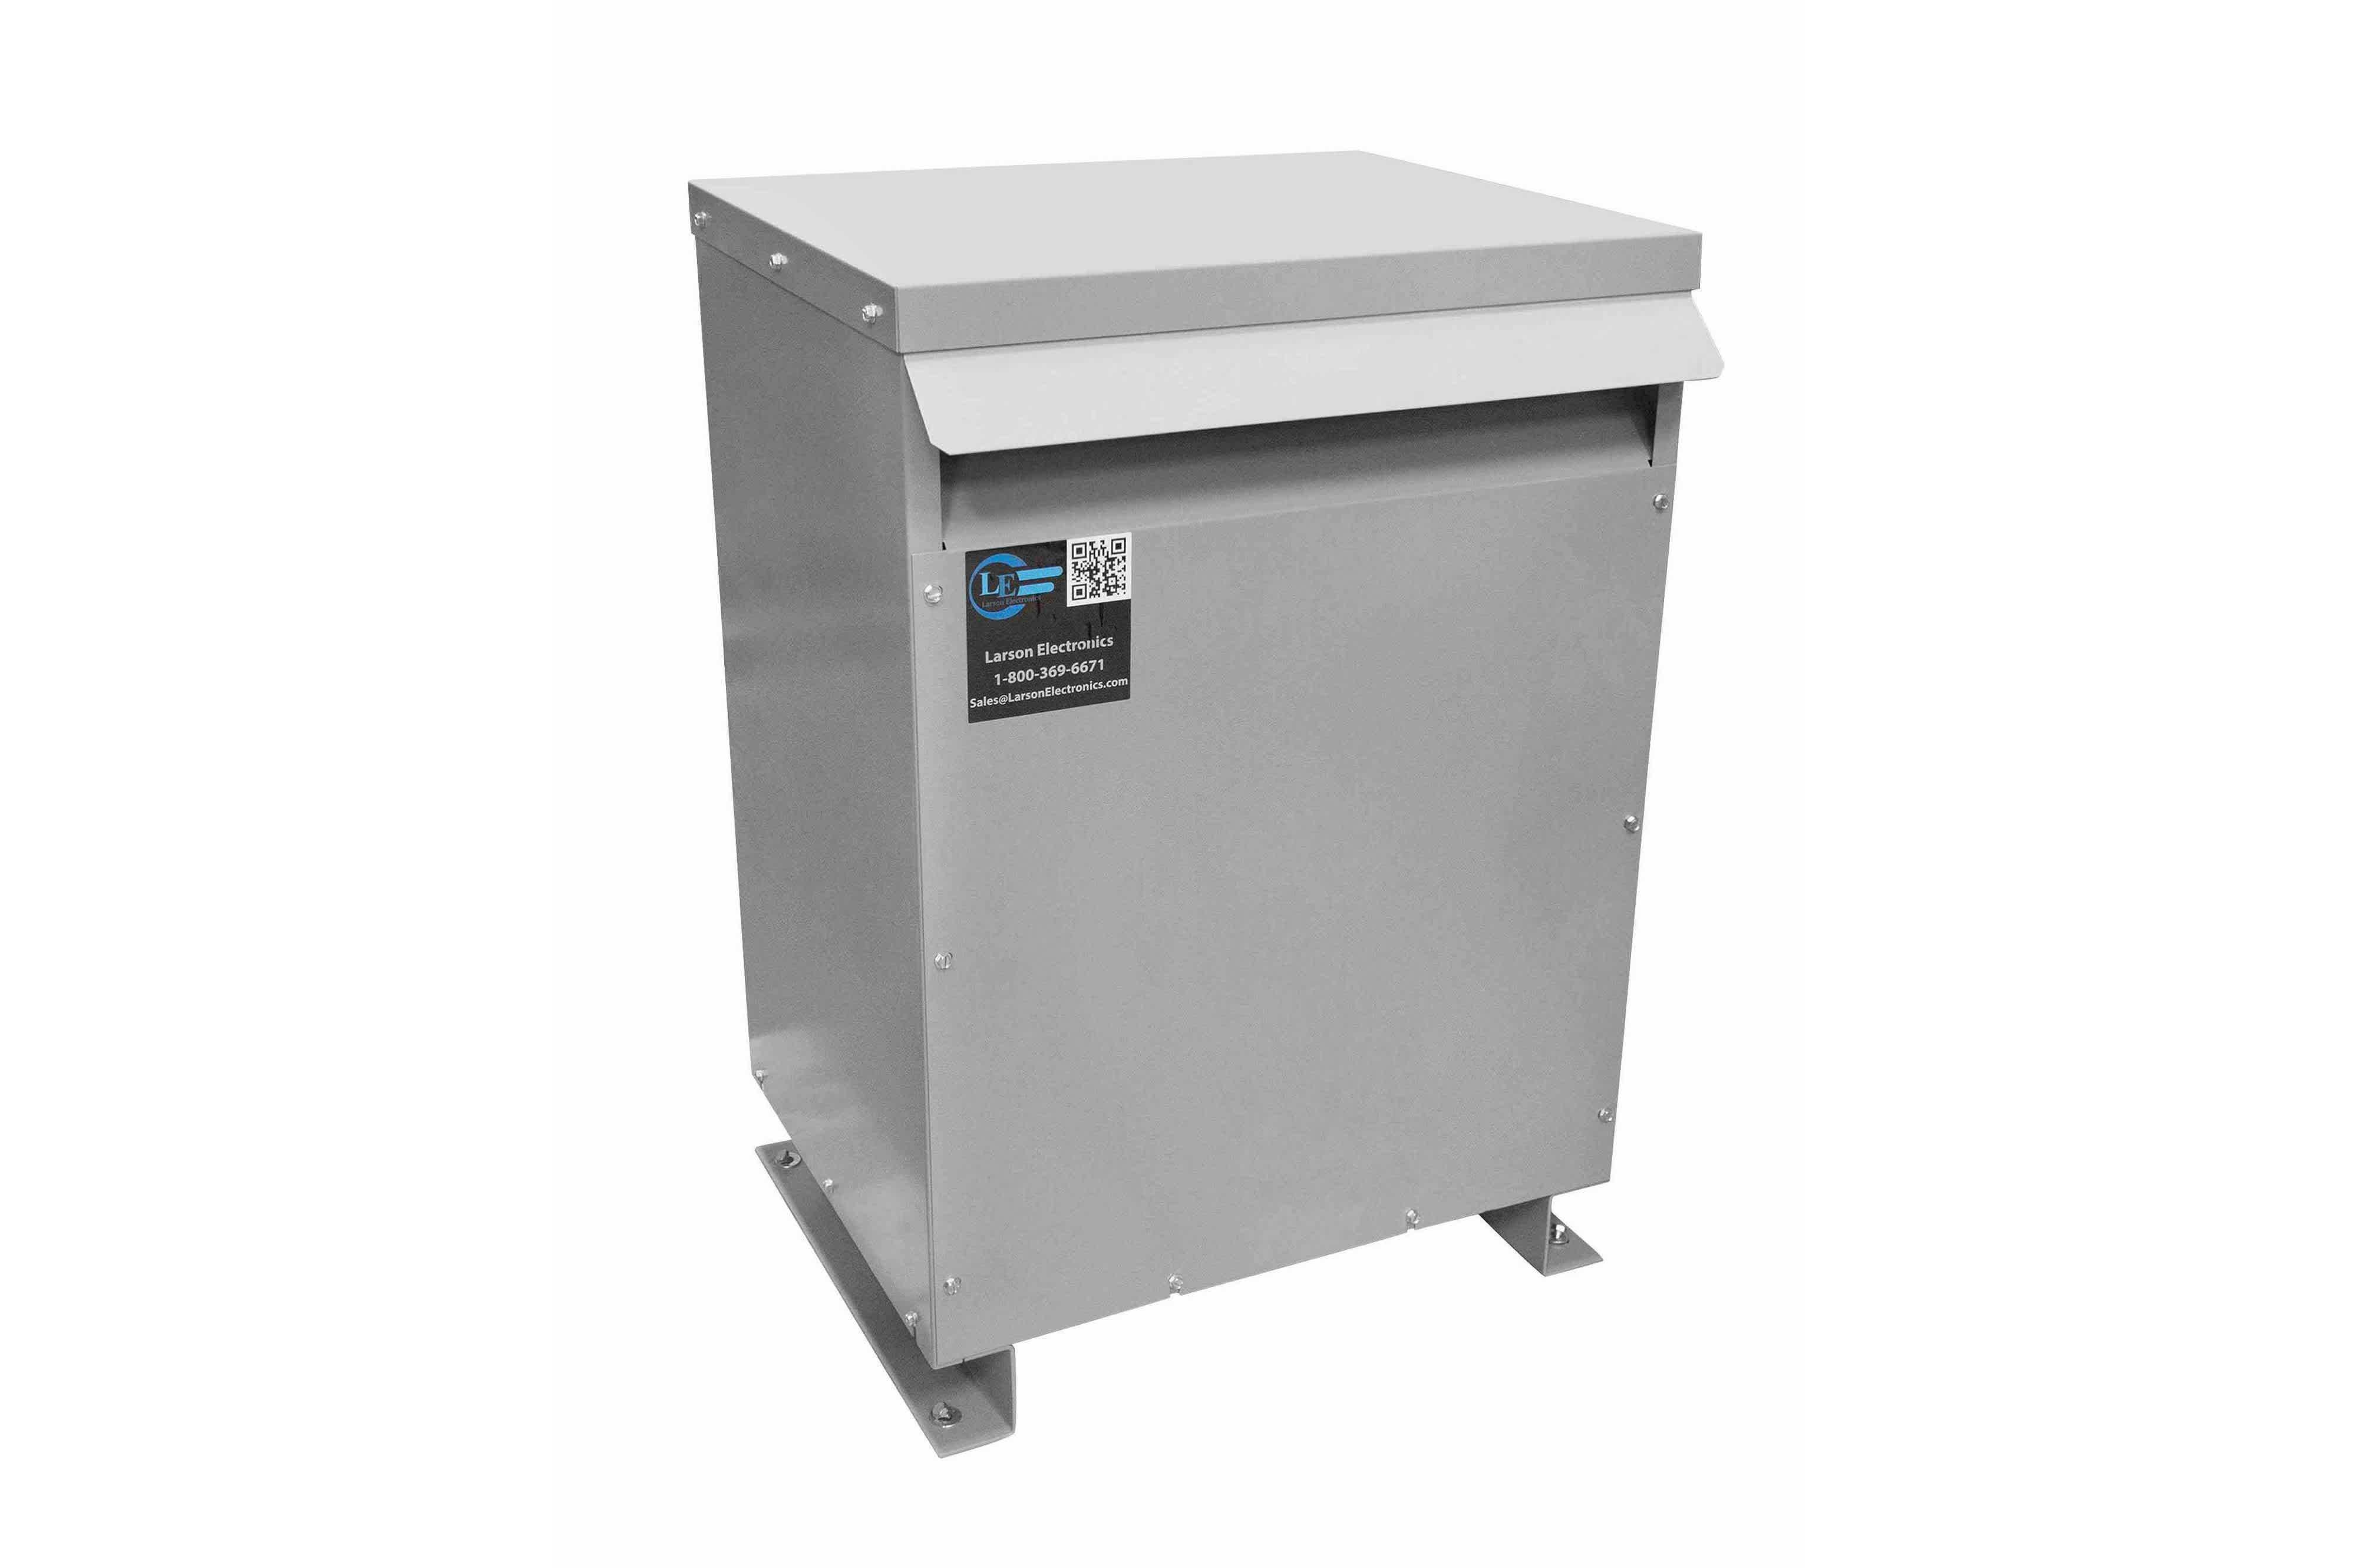 800 kVA 3PH Isolation Transformer, 440V Delta Primary, 208V Delta Secondary, N3R, Ventilated, 60 Hz